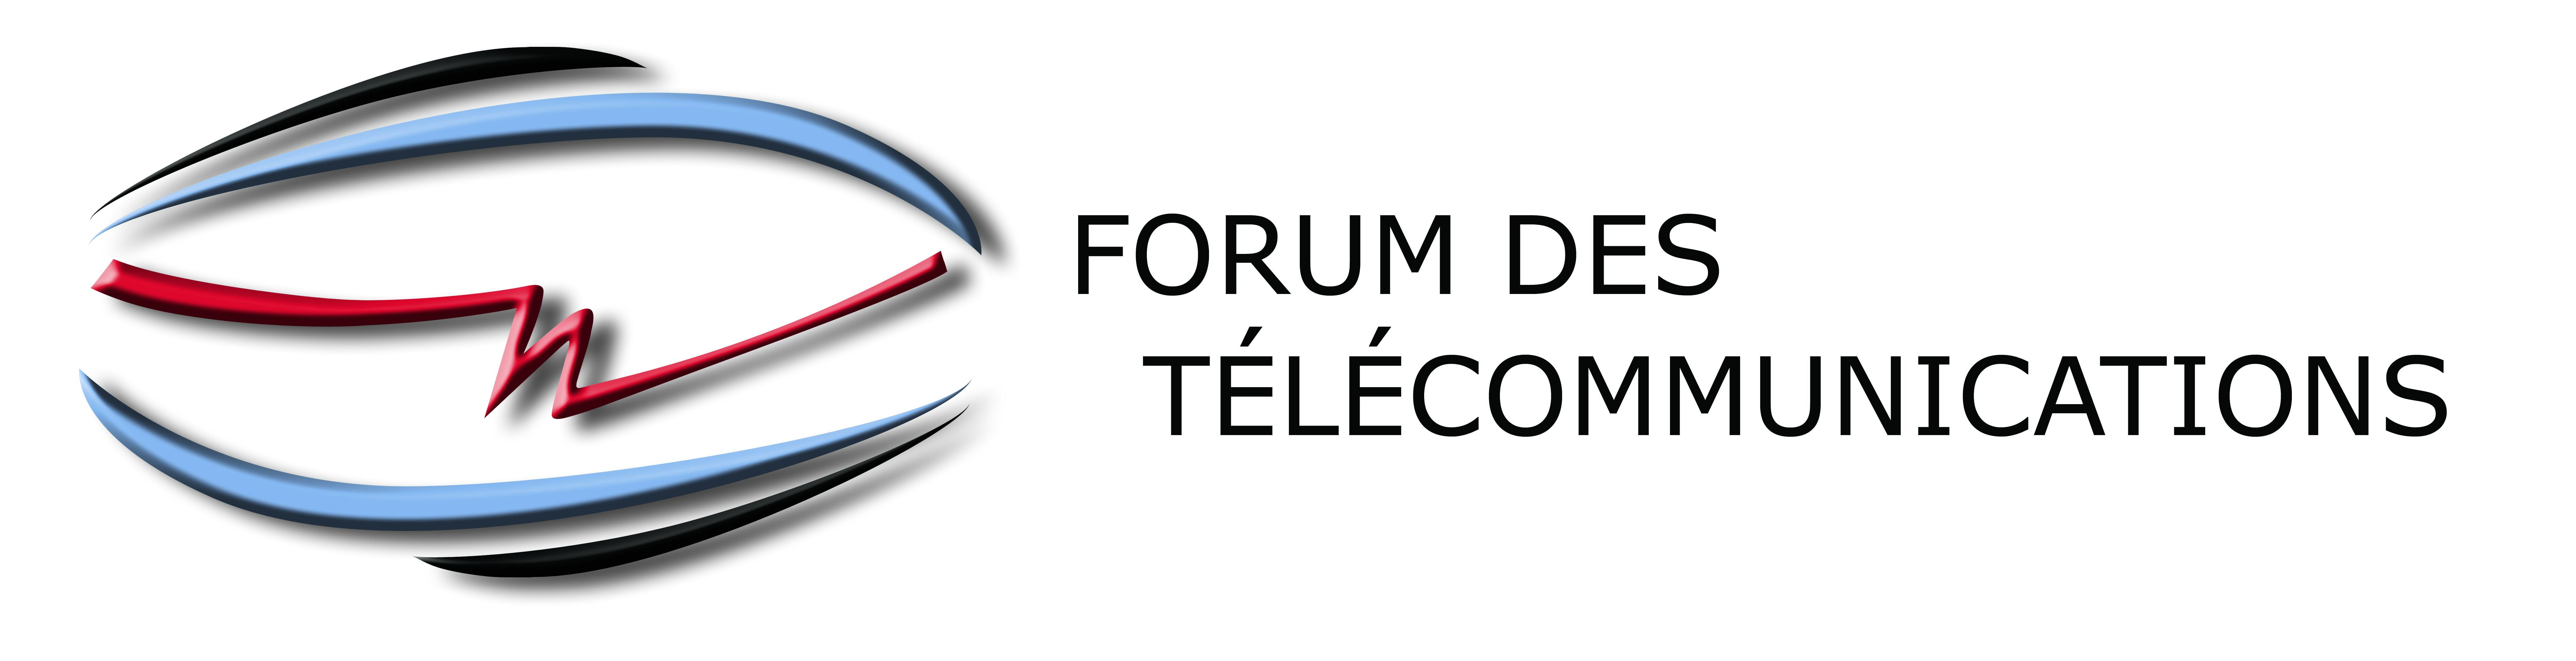 telecom sudparis archives - page 2 sur 4